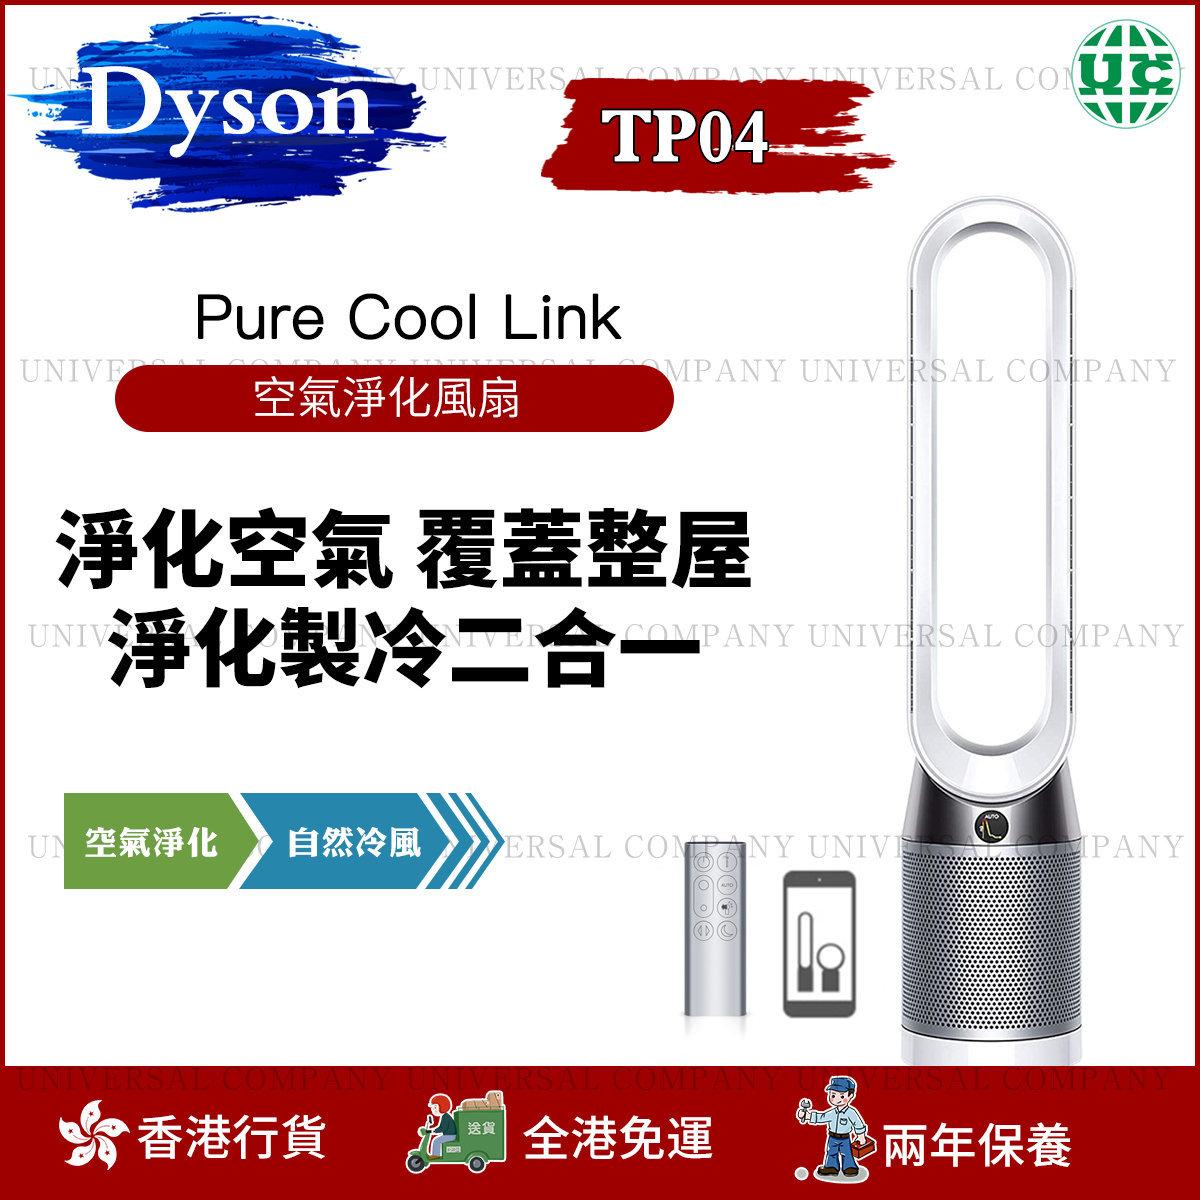 二合一智能空氣淨化風扇 座地式 TP04 銀白色 (香港行貨)